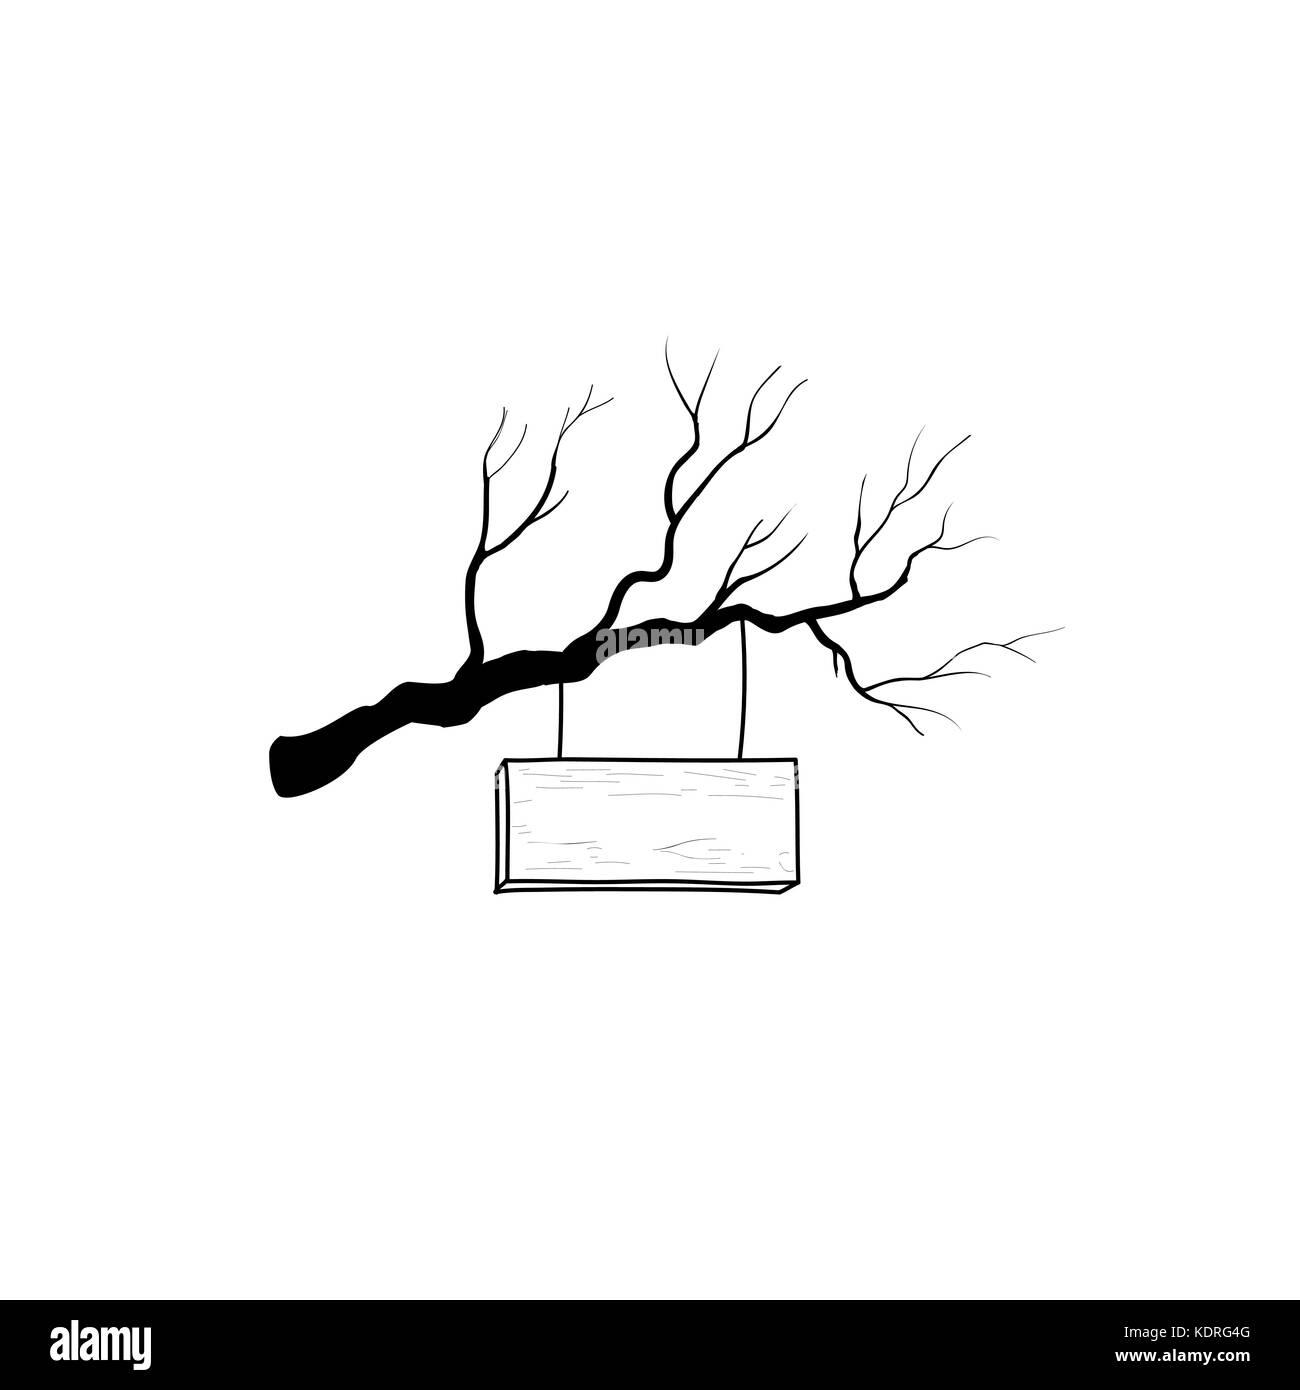 Holz- Schild Auf Ast. Retro Gravur Plank Namensschild. Zeiger Skizze